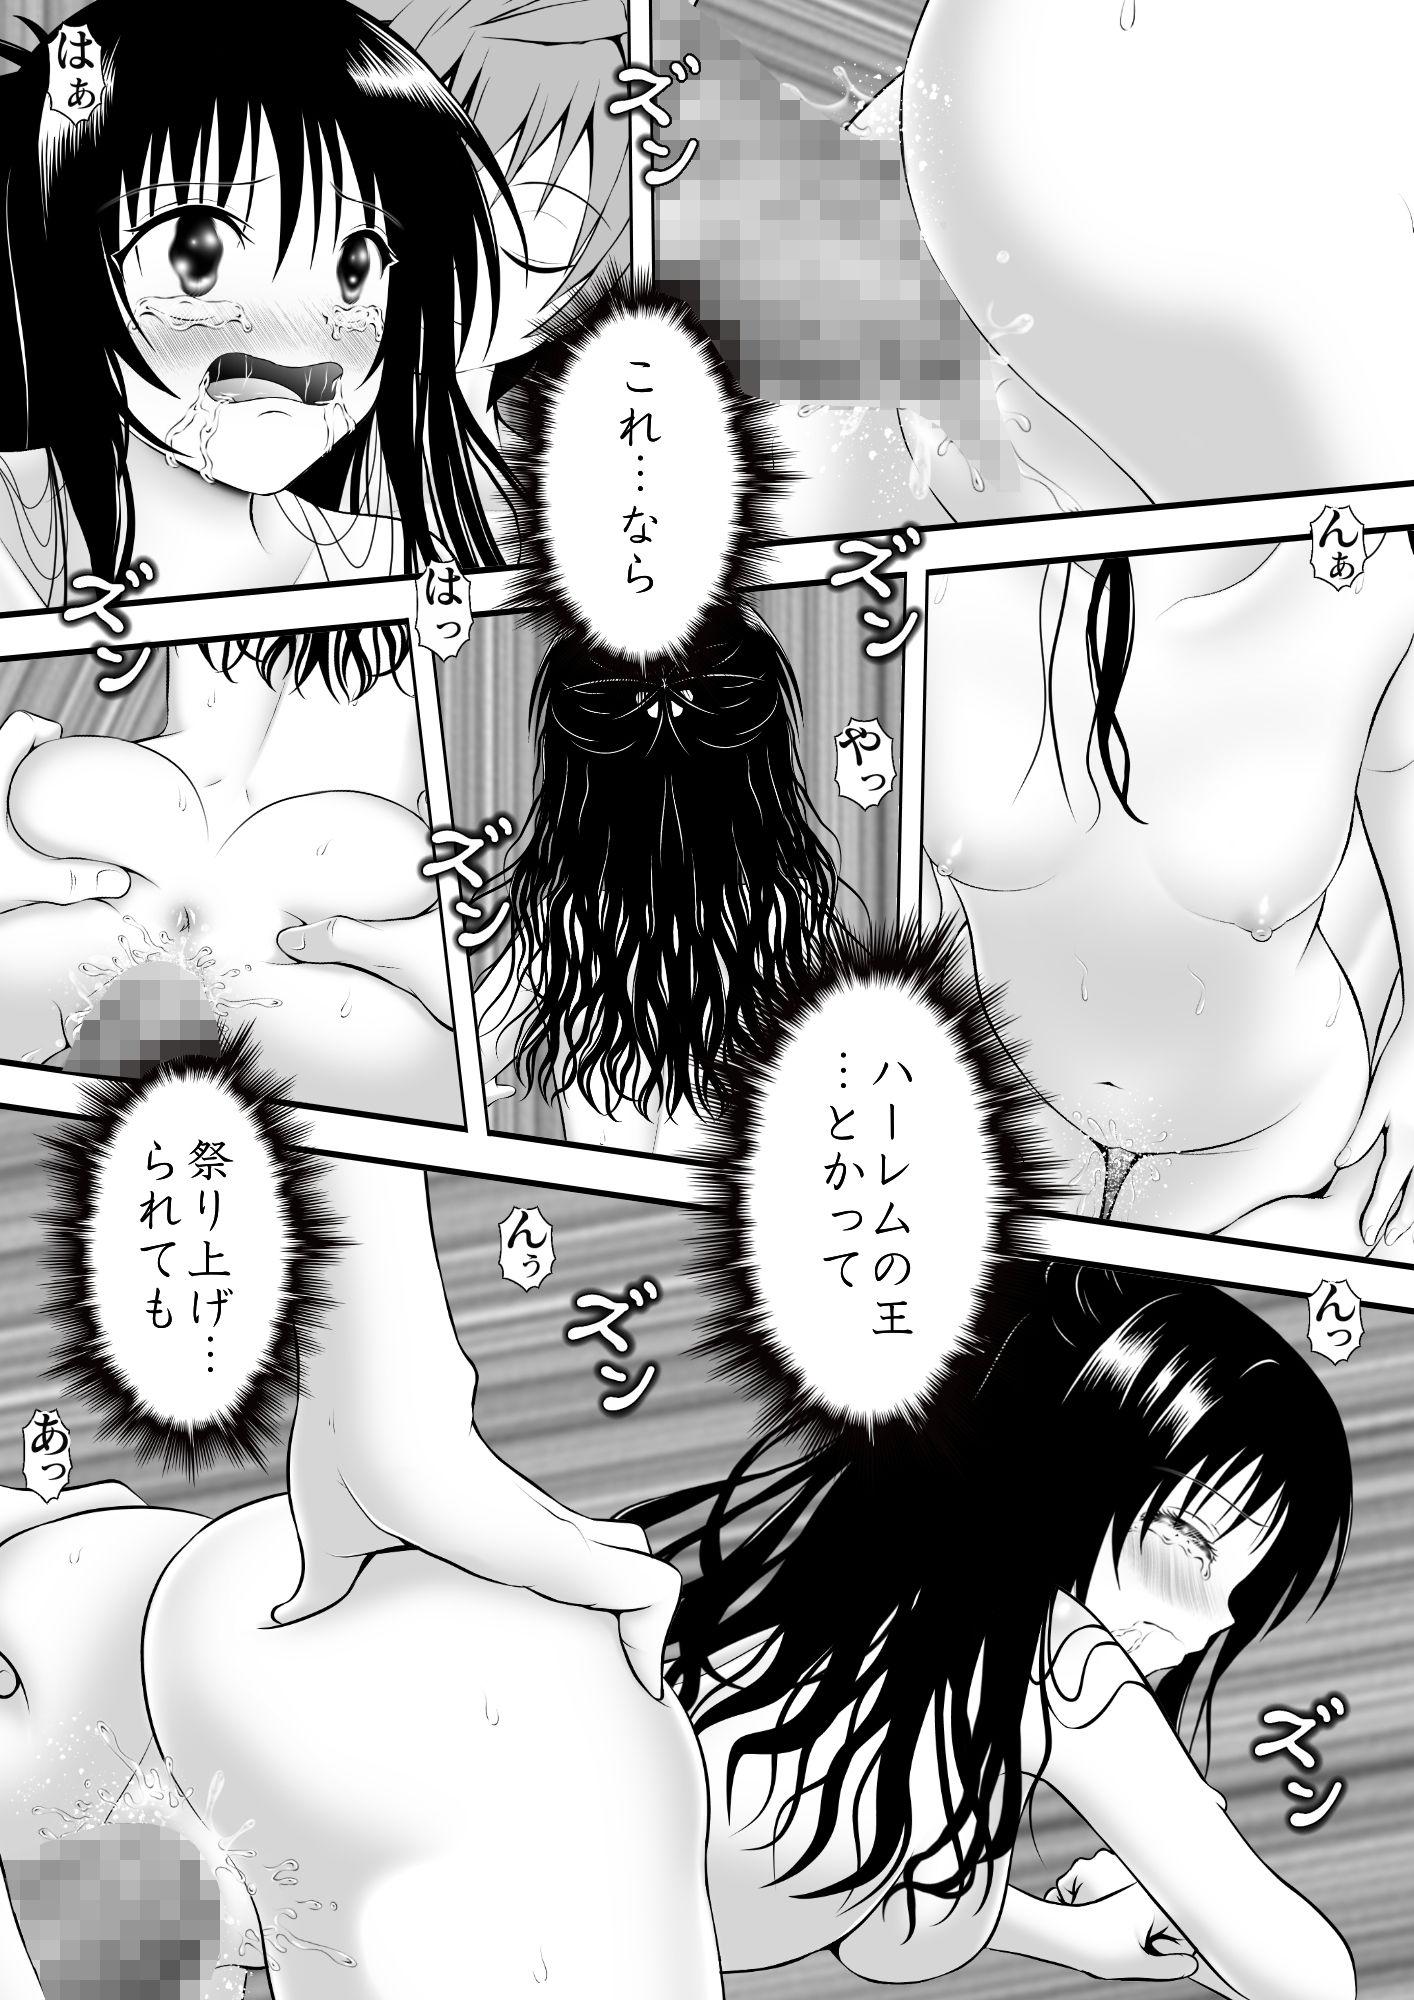 サンプル画像3:あらぶる〜しっかり者の妹〜(あらぶる) [d_199858]